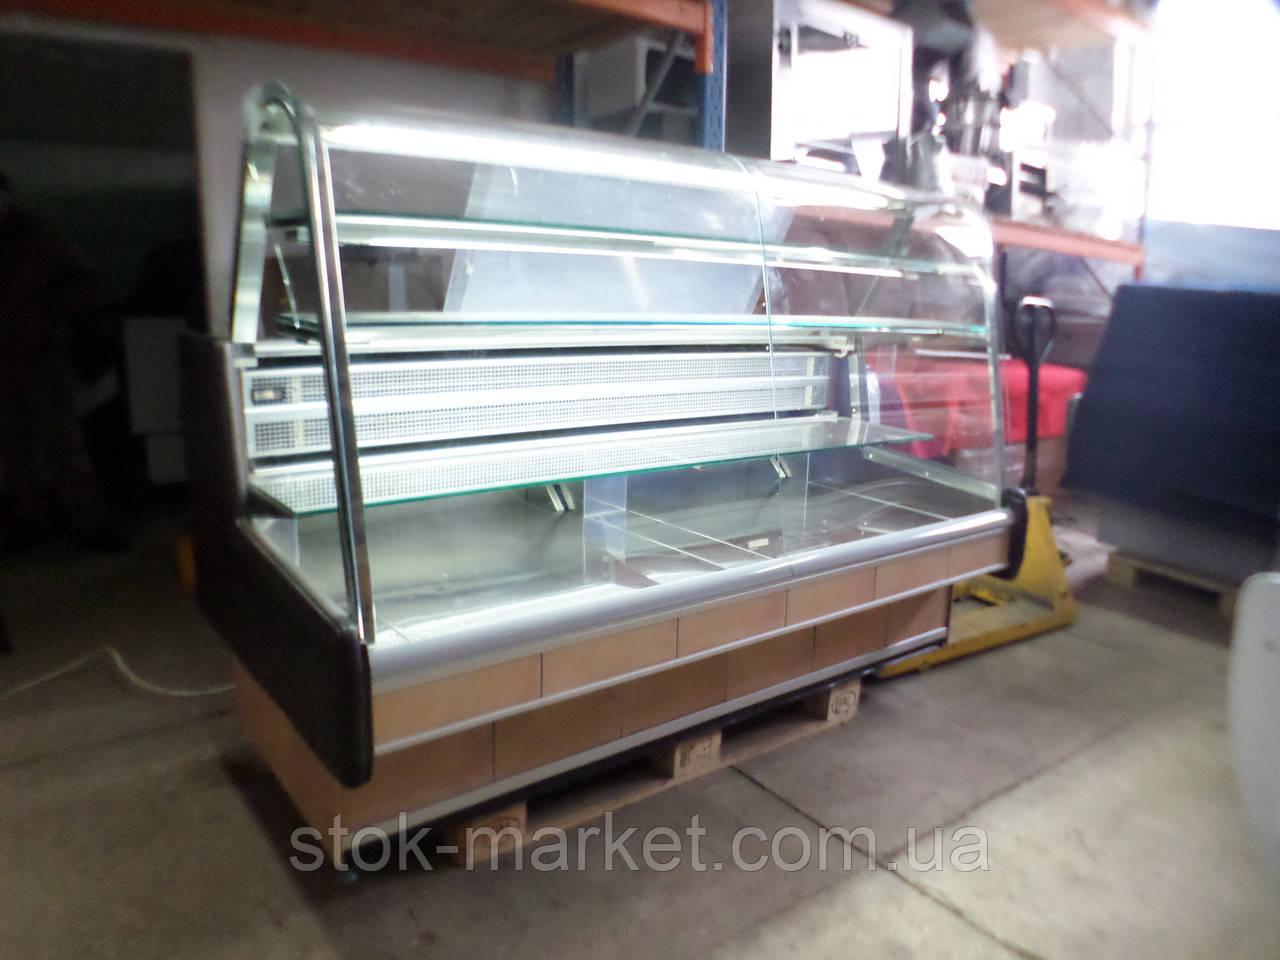 Кондитерская холодильная витрина Arneg VENEZIA 1.9 м. б/у., кондитерская витрина б у, холодильная камера б у,